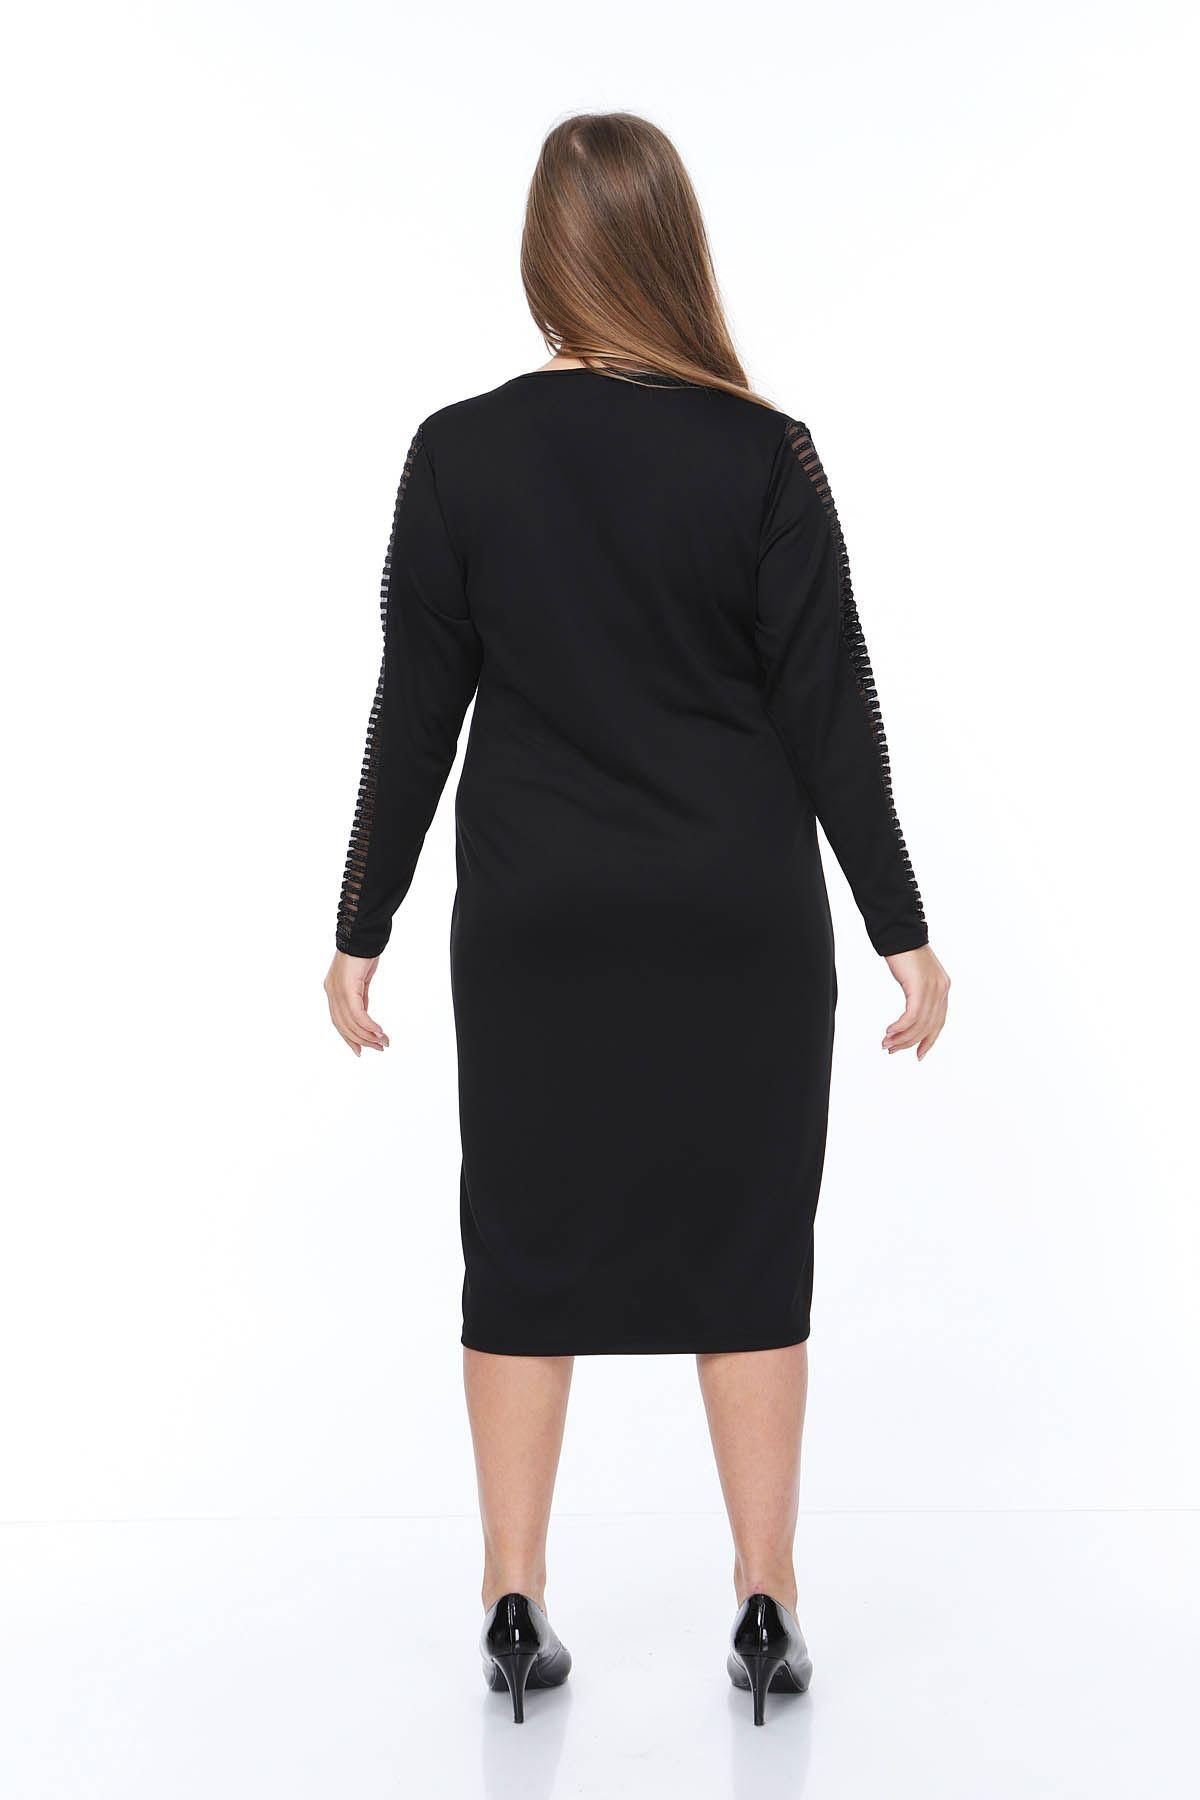 Yaka Kol Şeritli Büyük Beden Elbise 6C-0865